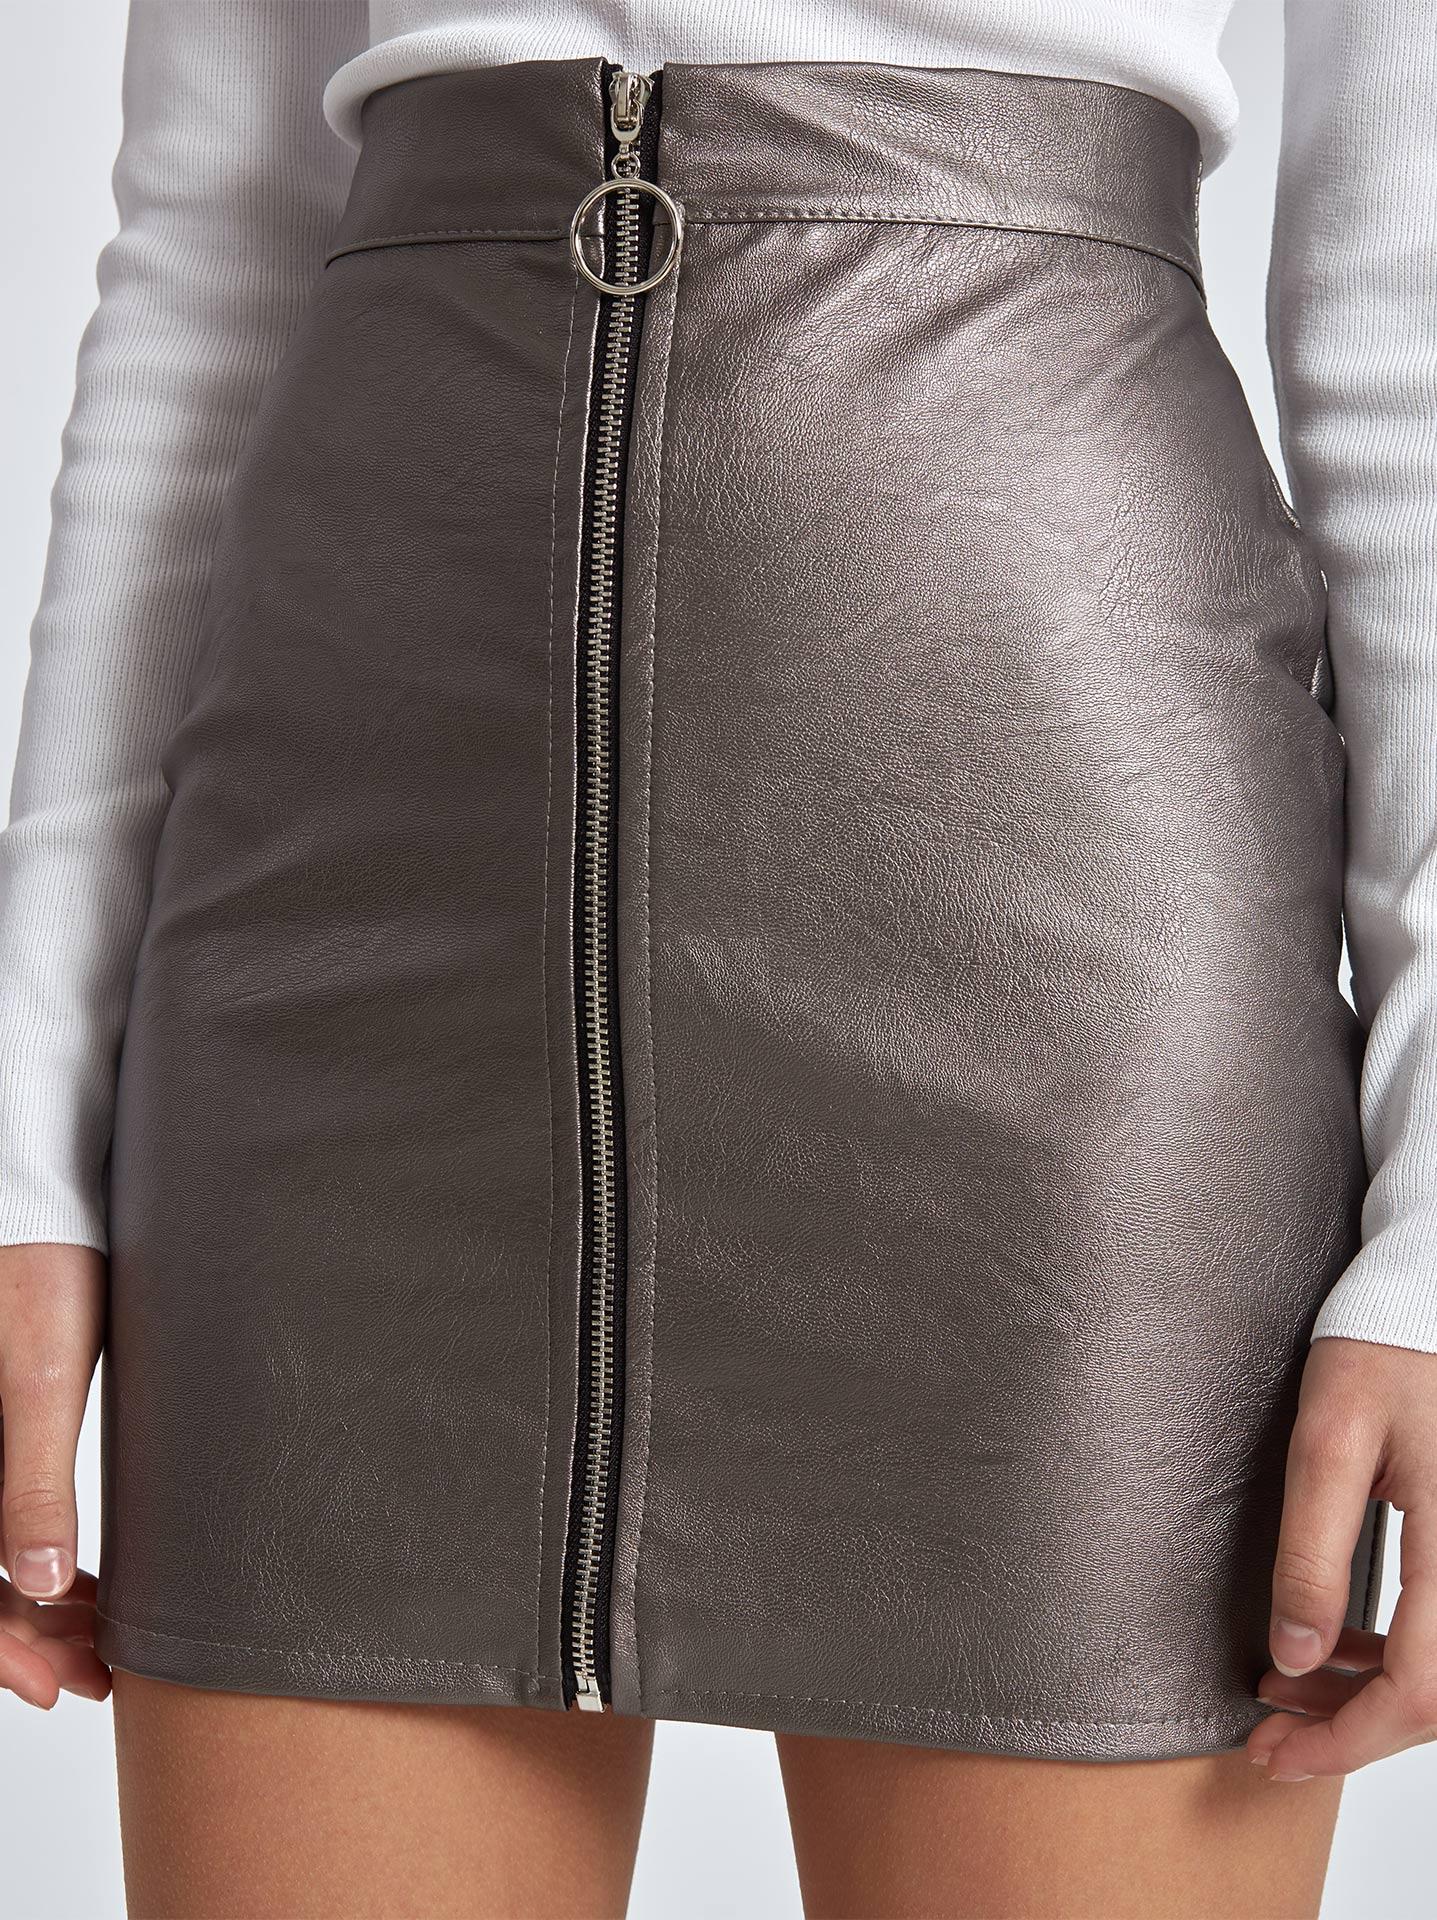 b4abcaf49af Mini φούστα δερματίνη σε μπρονζε, 8,70€ | Celestino